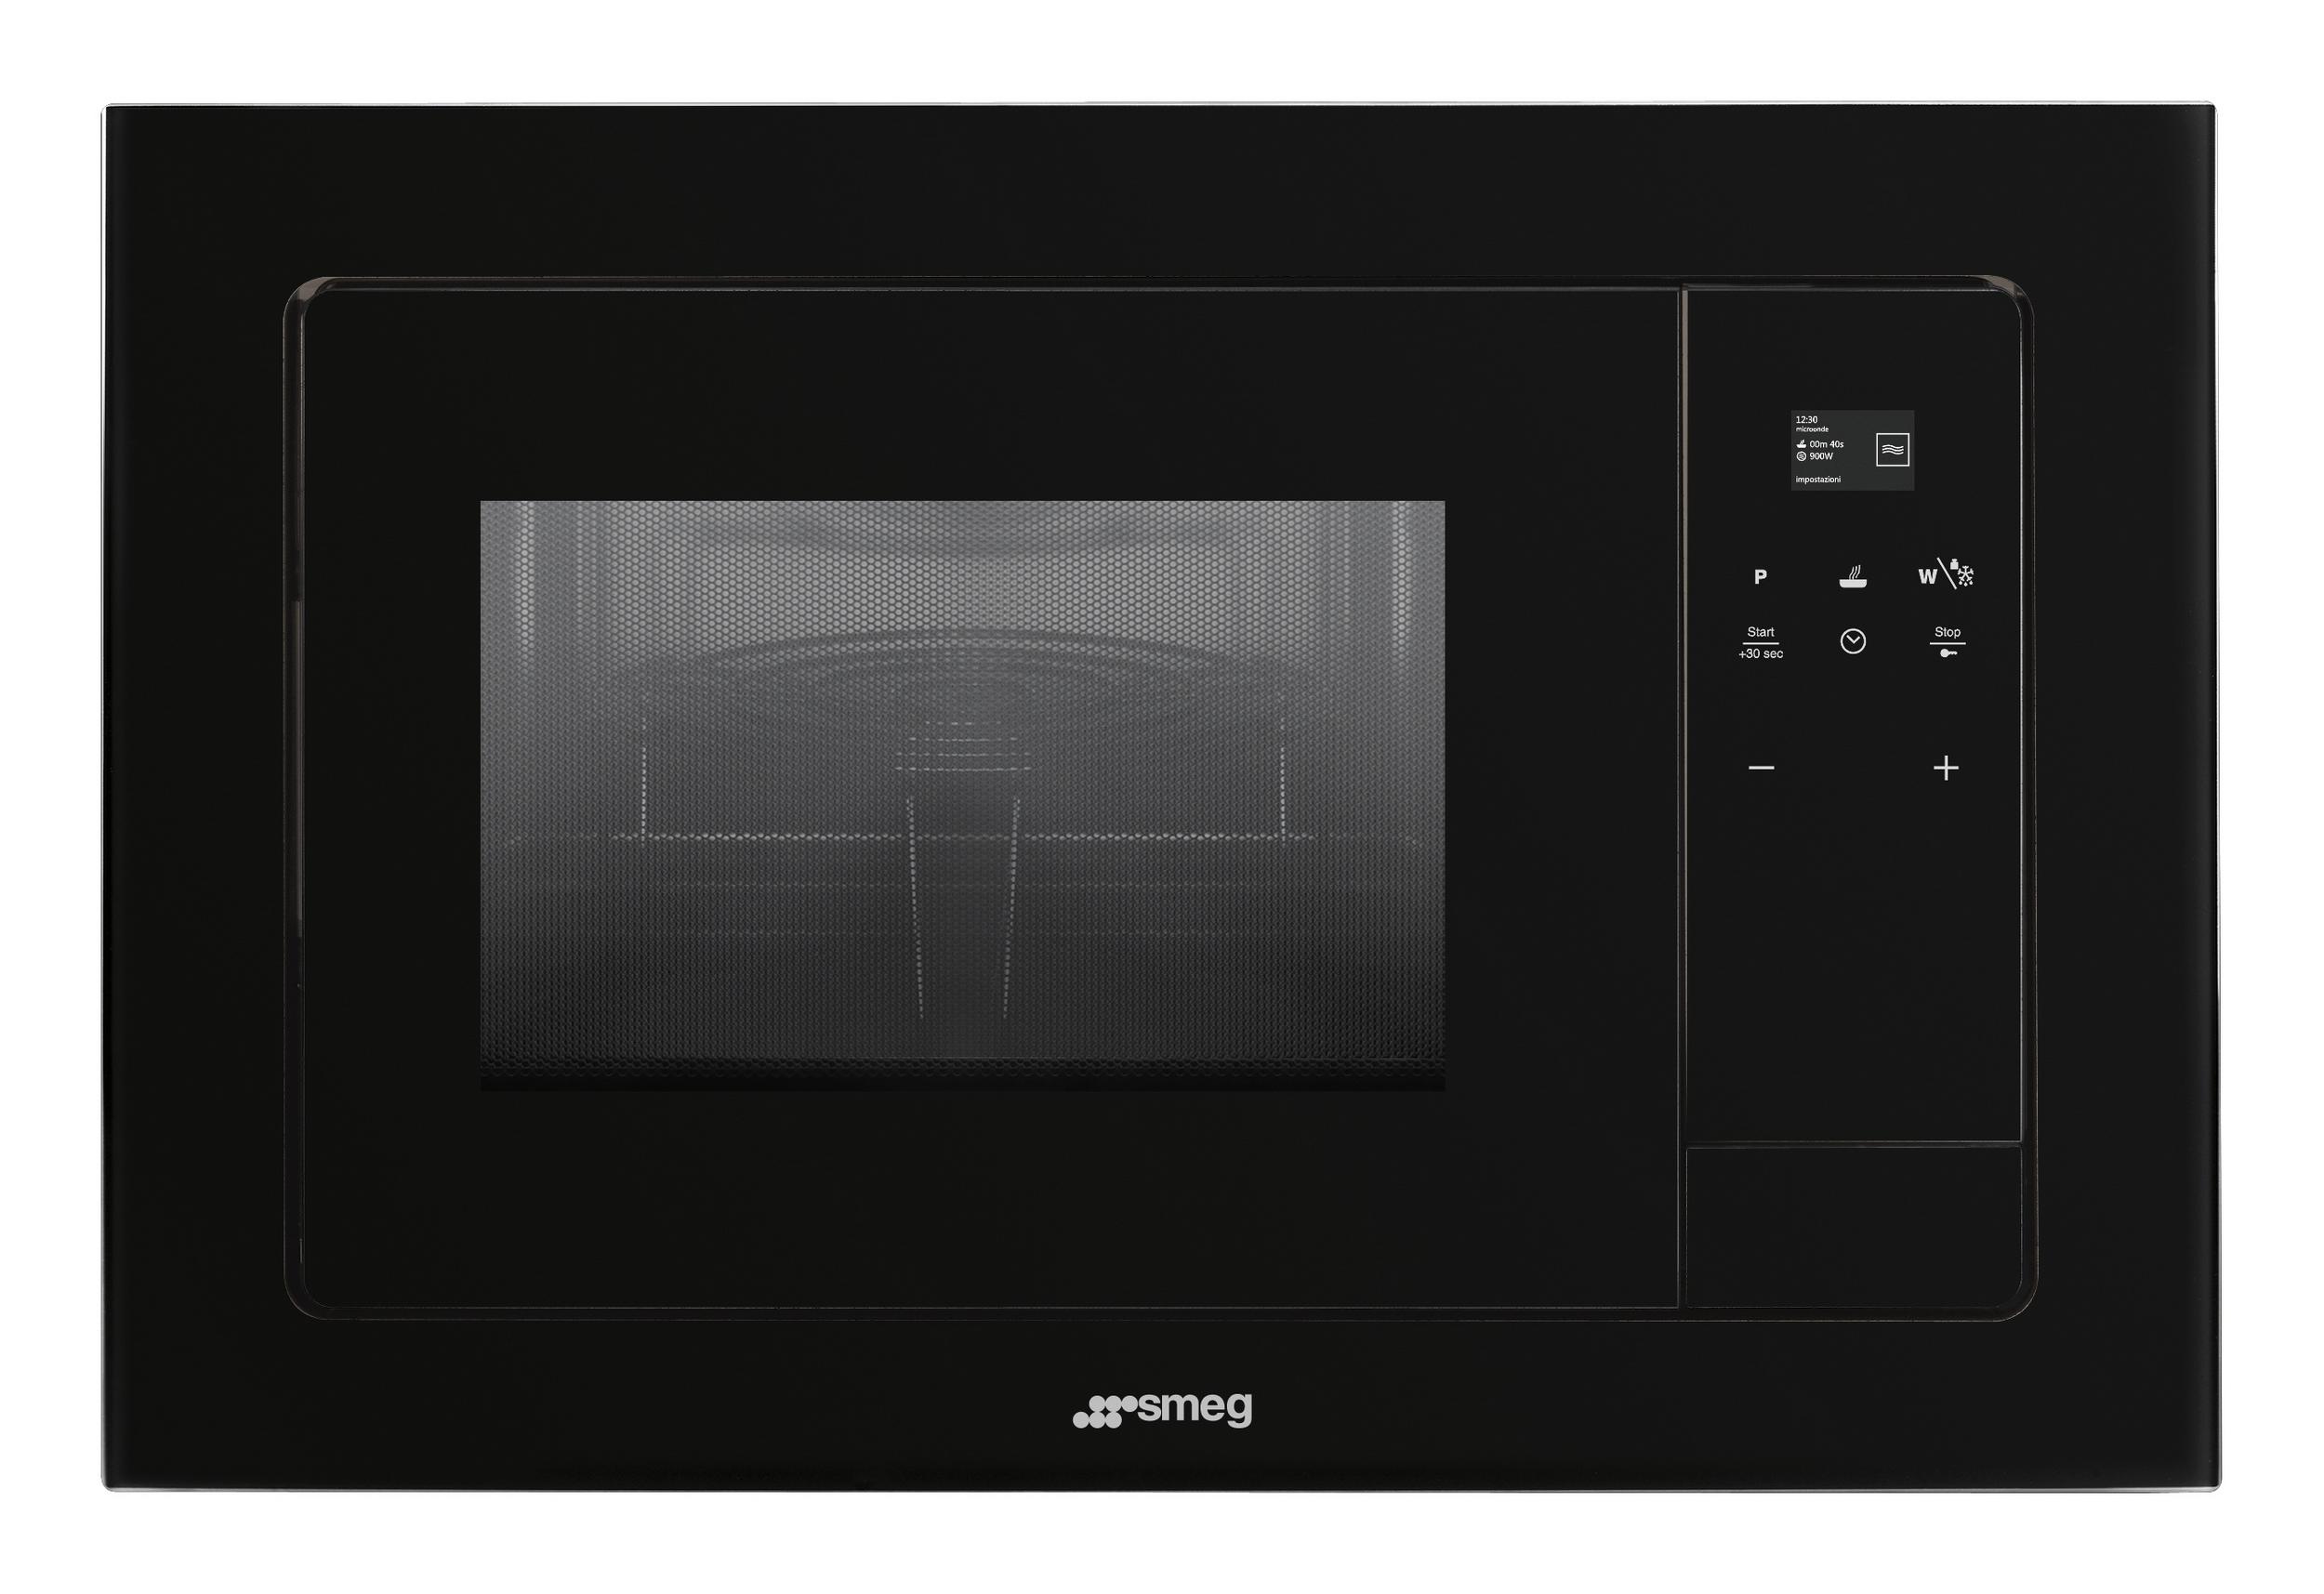 Smeg Kühlschrank Schwarz Gebraucht : Smeg fmi120 mikrowellenbackofen 38 cm mit einbaurahmen schwarz oder